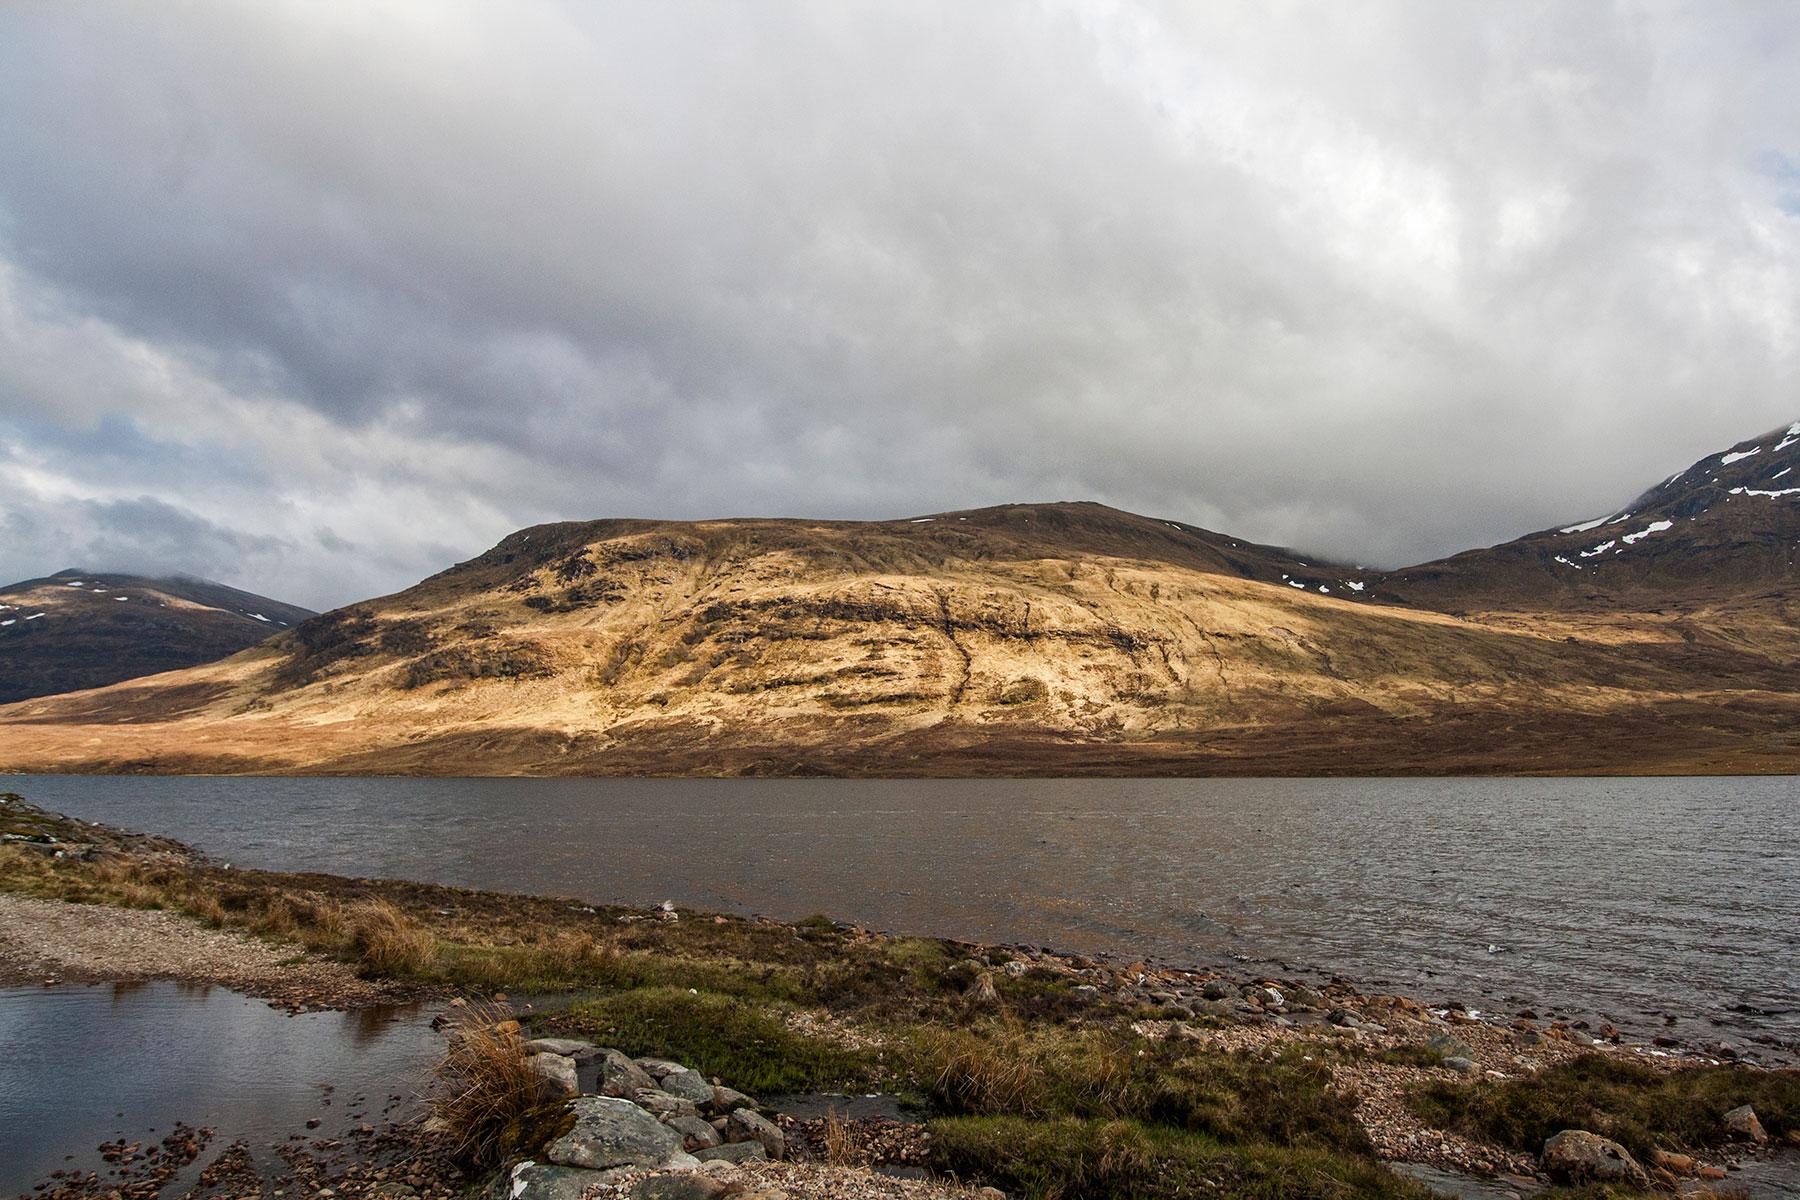 Loch A' Bhraoin, Scotland